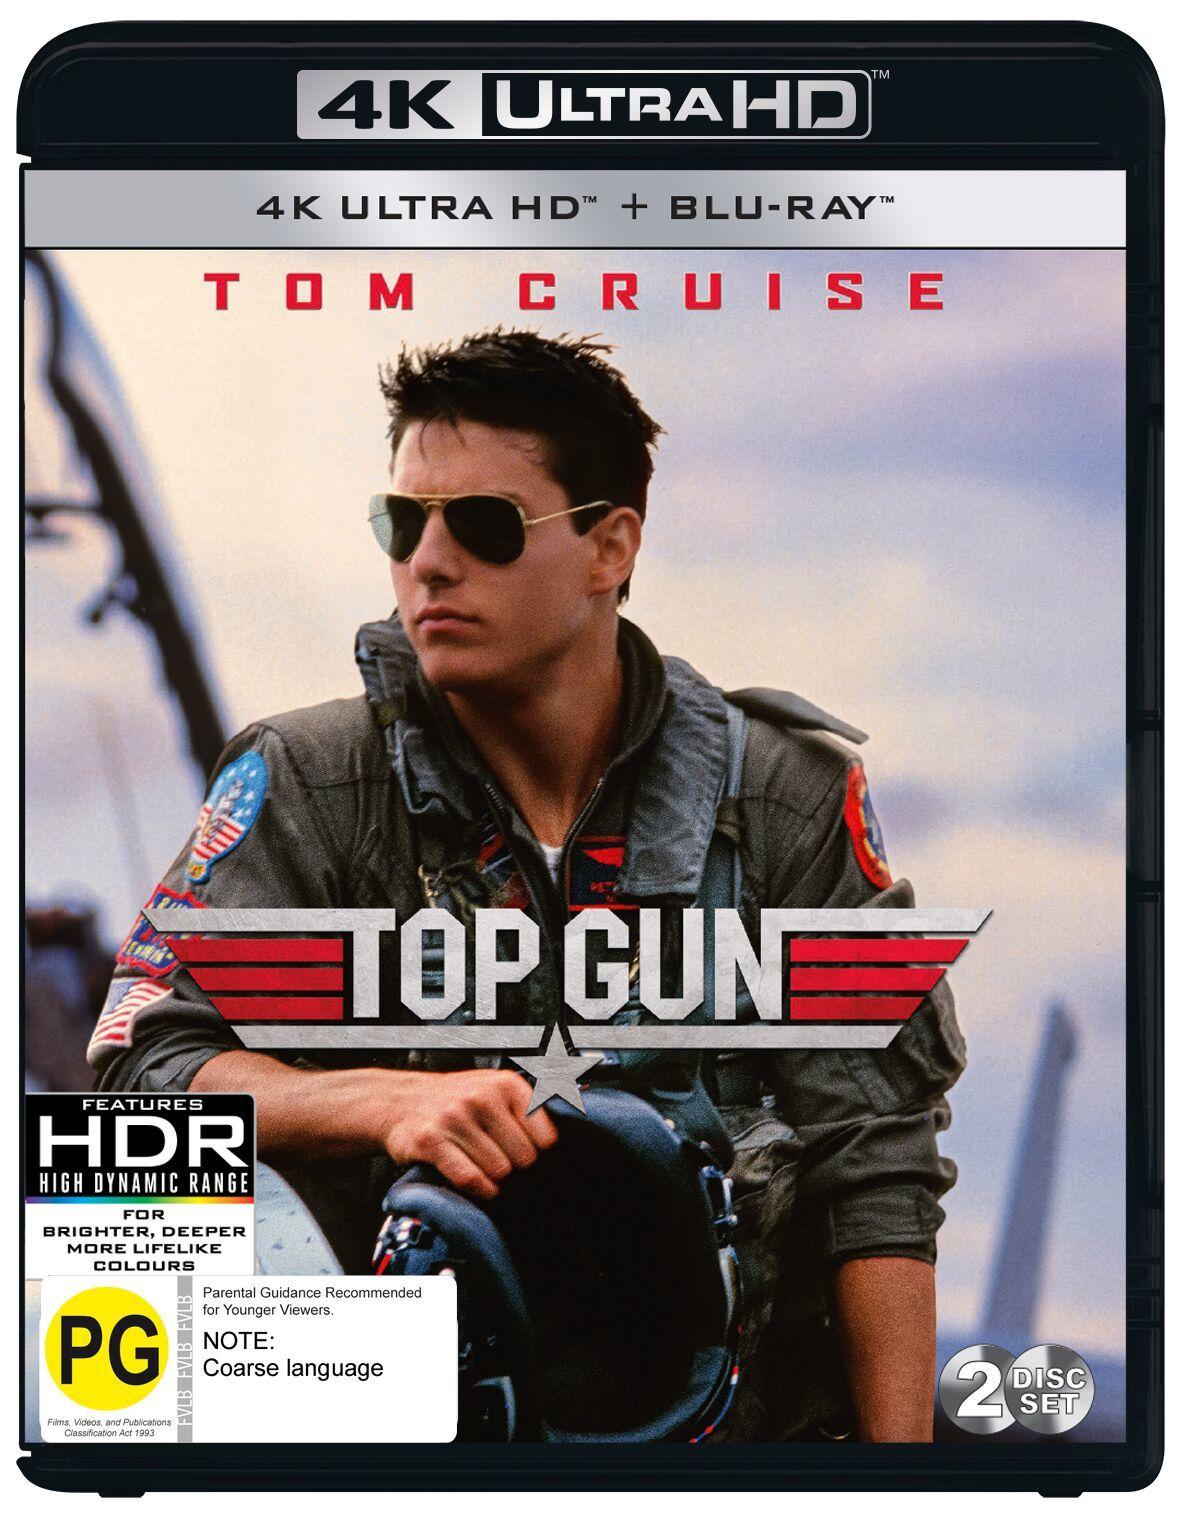 Top Gun on UHD Blu-ray image